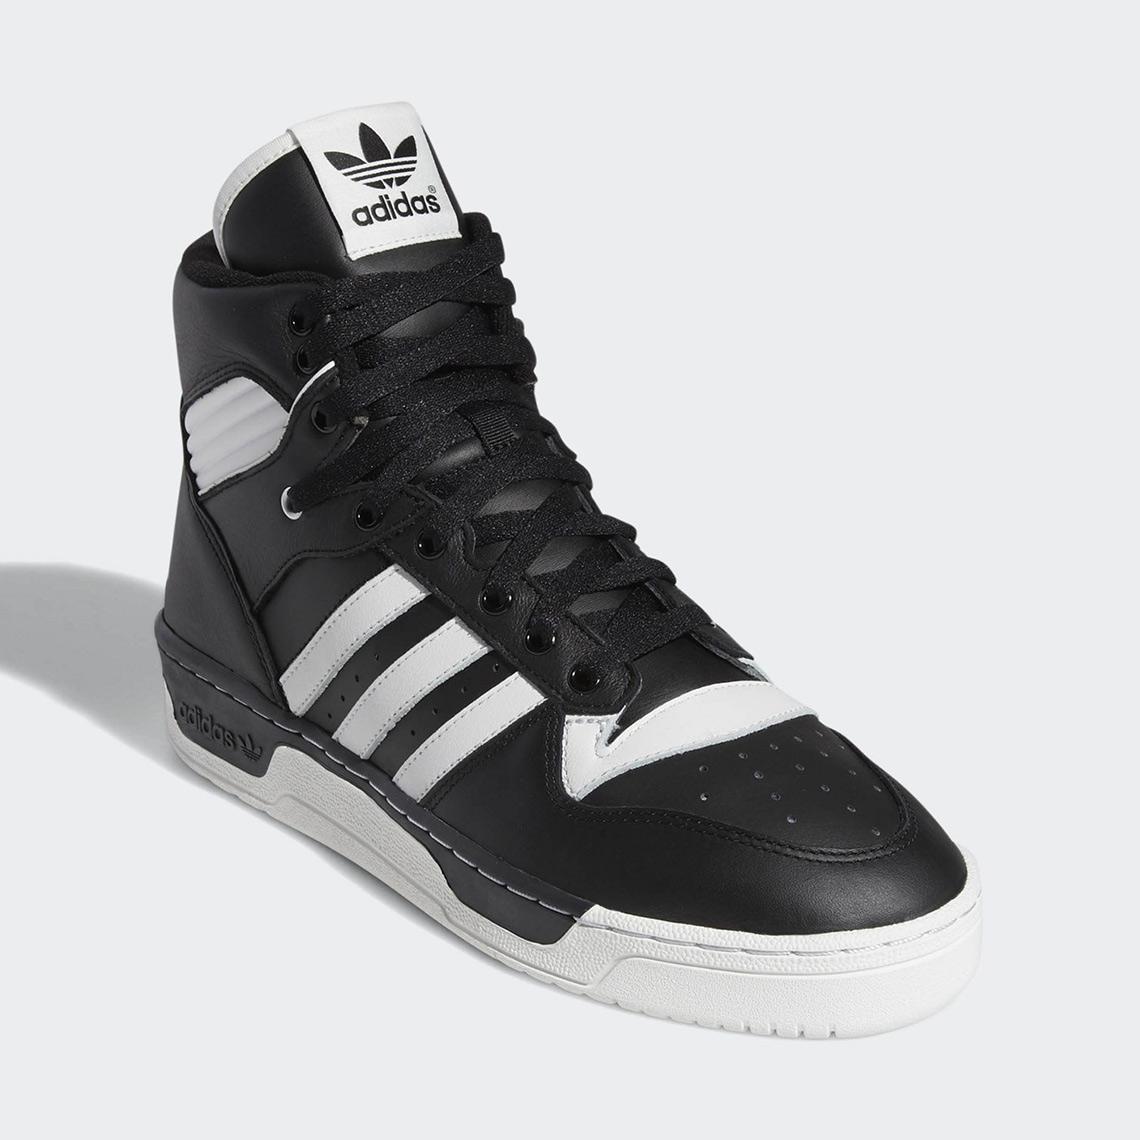 Adidas News